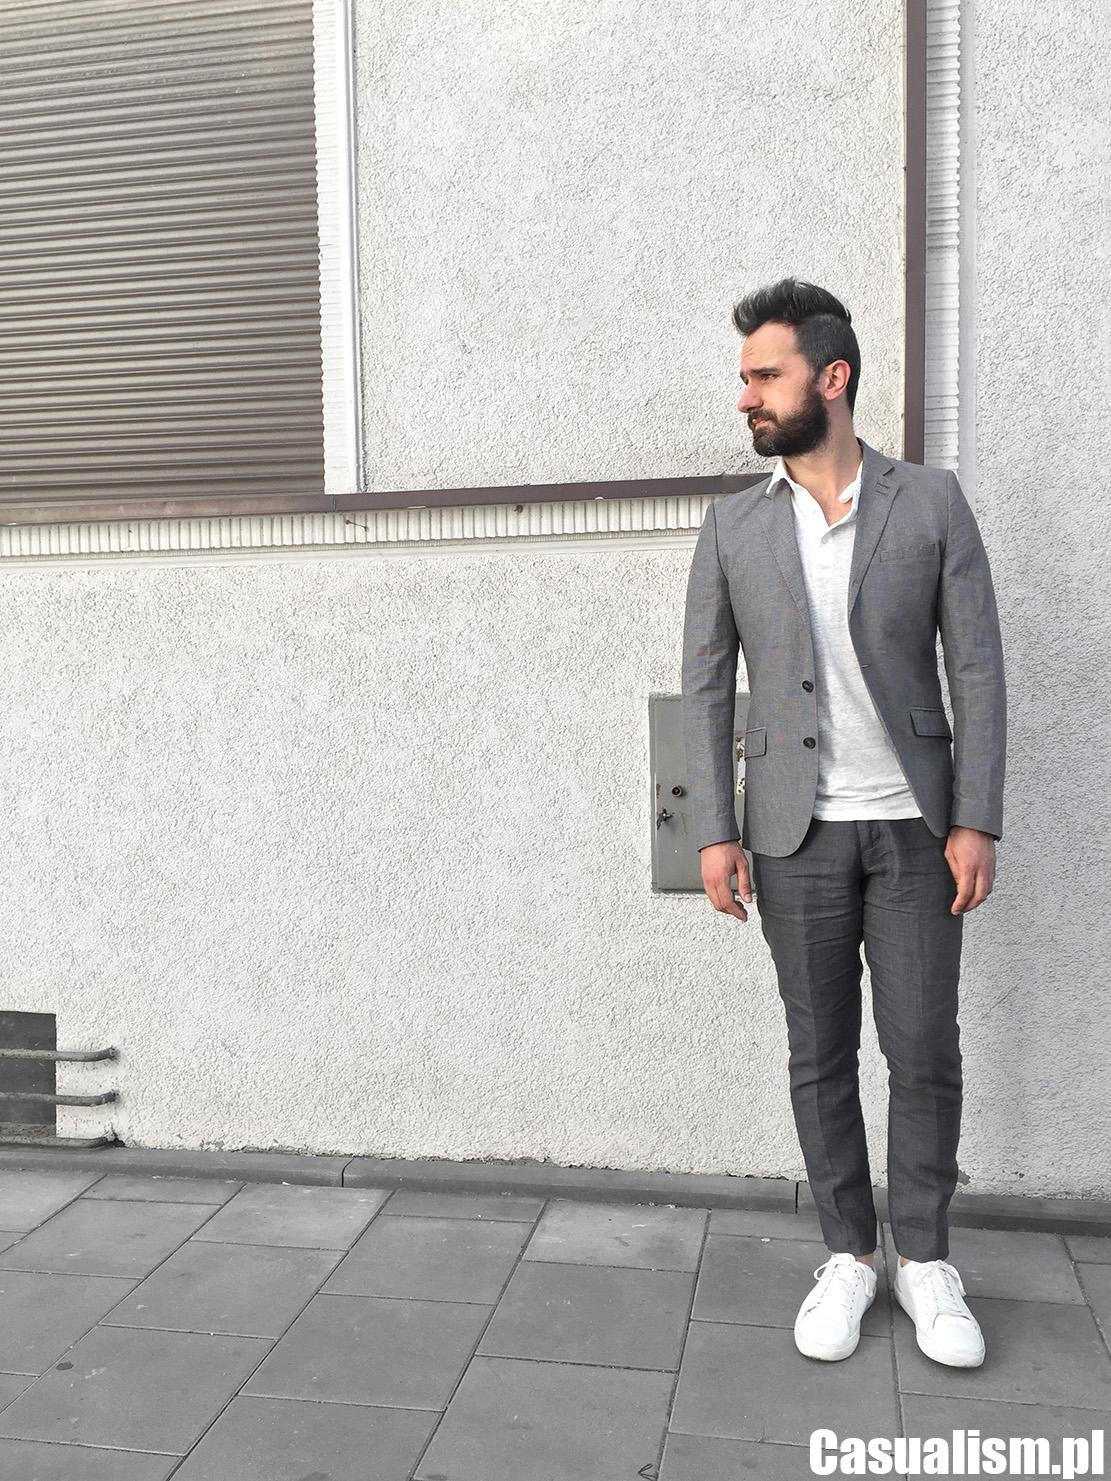 Marynarka lniana, lniane spodnie w kant, lniane ubrania męskie, styl dla mężczyzny, męski styl casual, męskie ubrania półformalne, białe buty, białe buty do garnituru, sportowe buty do garnituru.